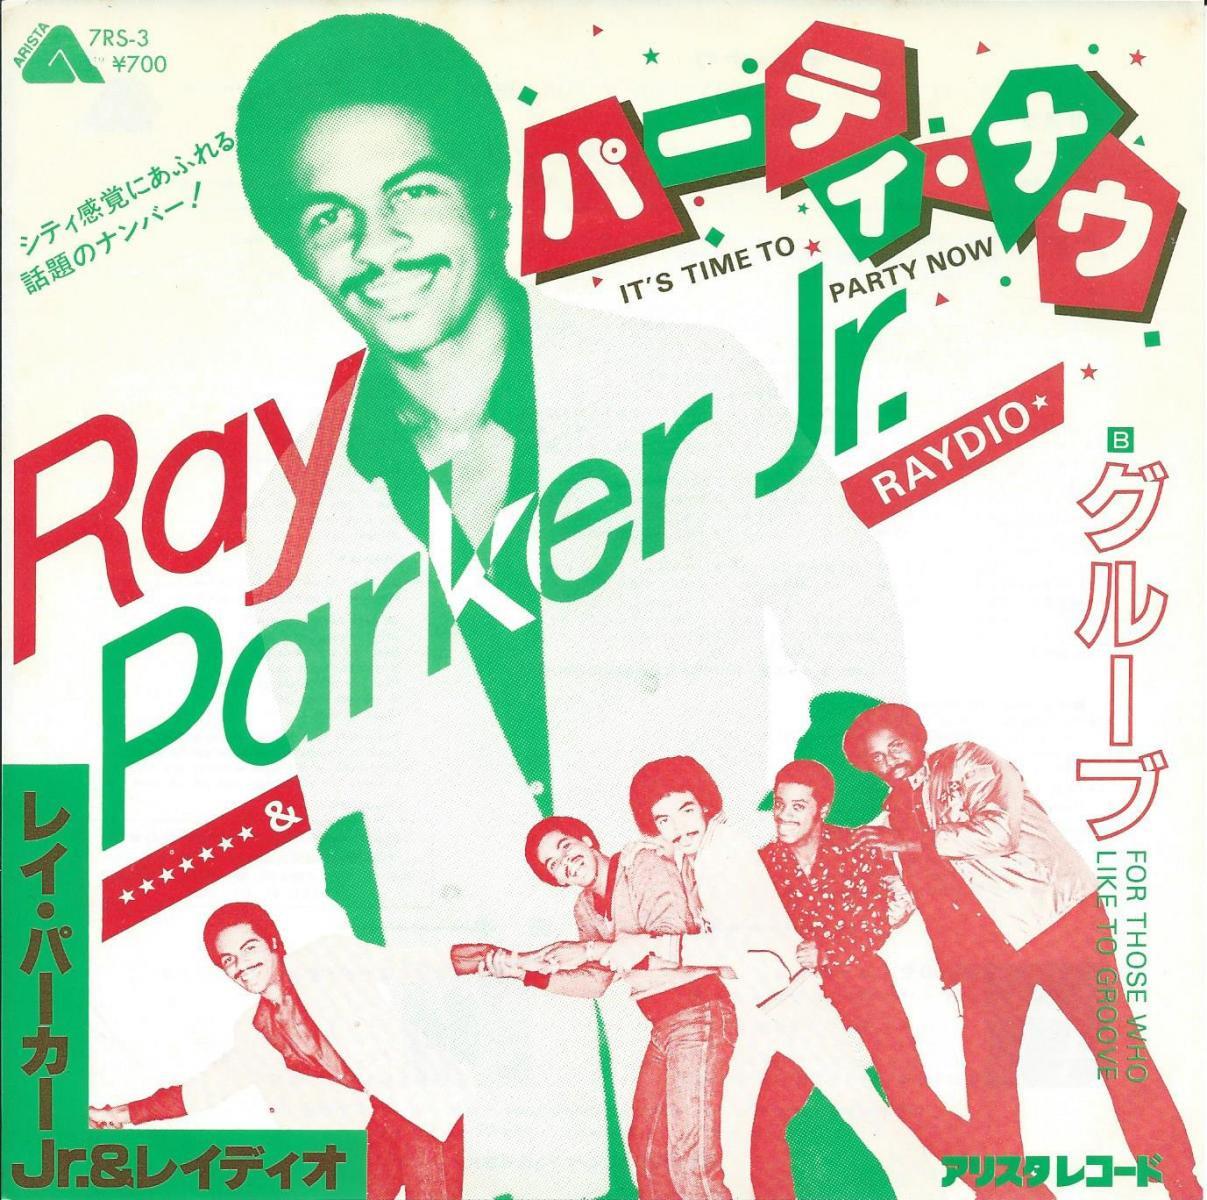 レイ・パーカーJr.& レイディオ RAY PARKER JR.AND RAYDIO / パーティ・ナウ IT'S TIME TO PARTY NOW (7